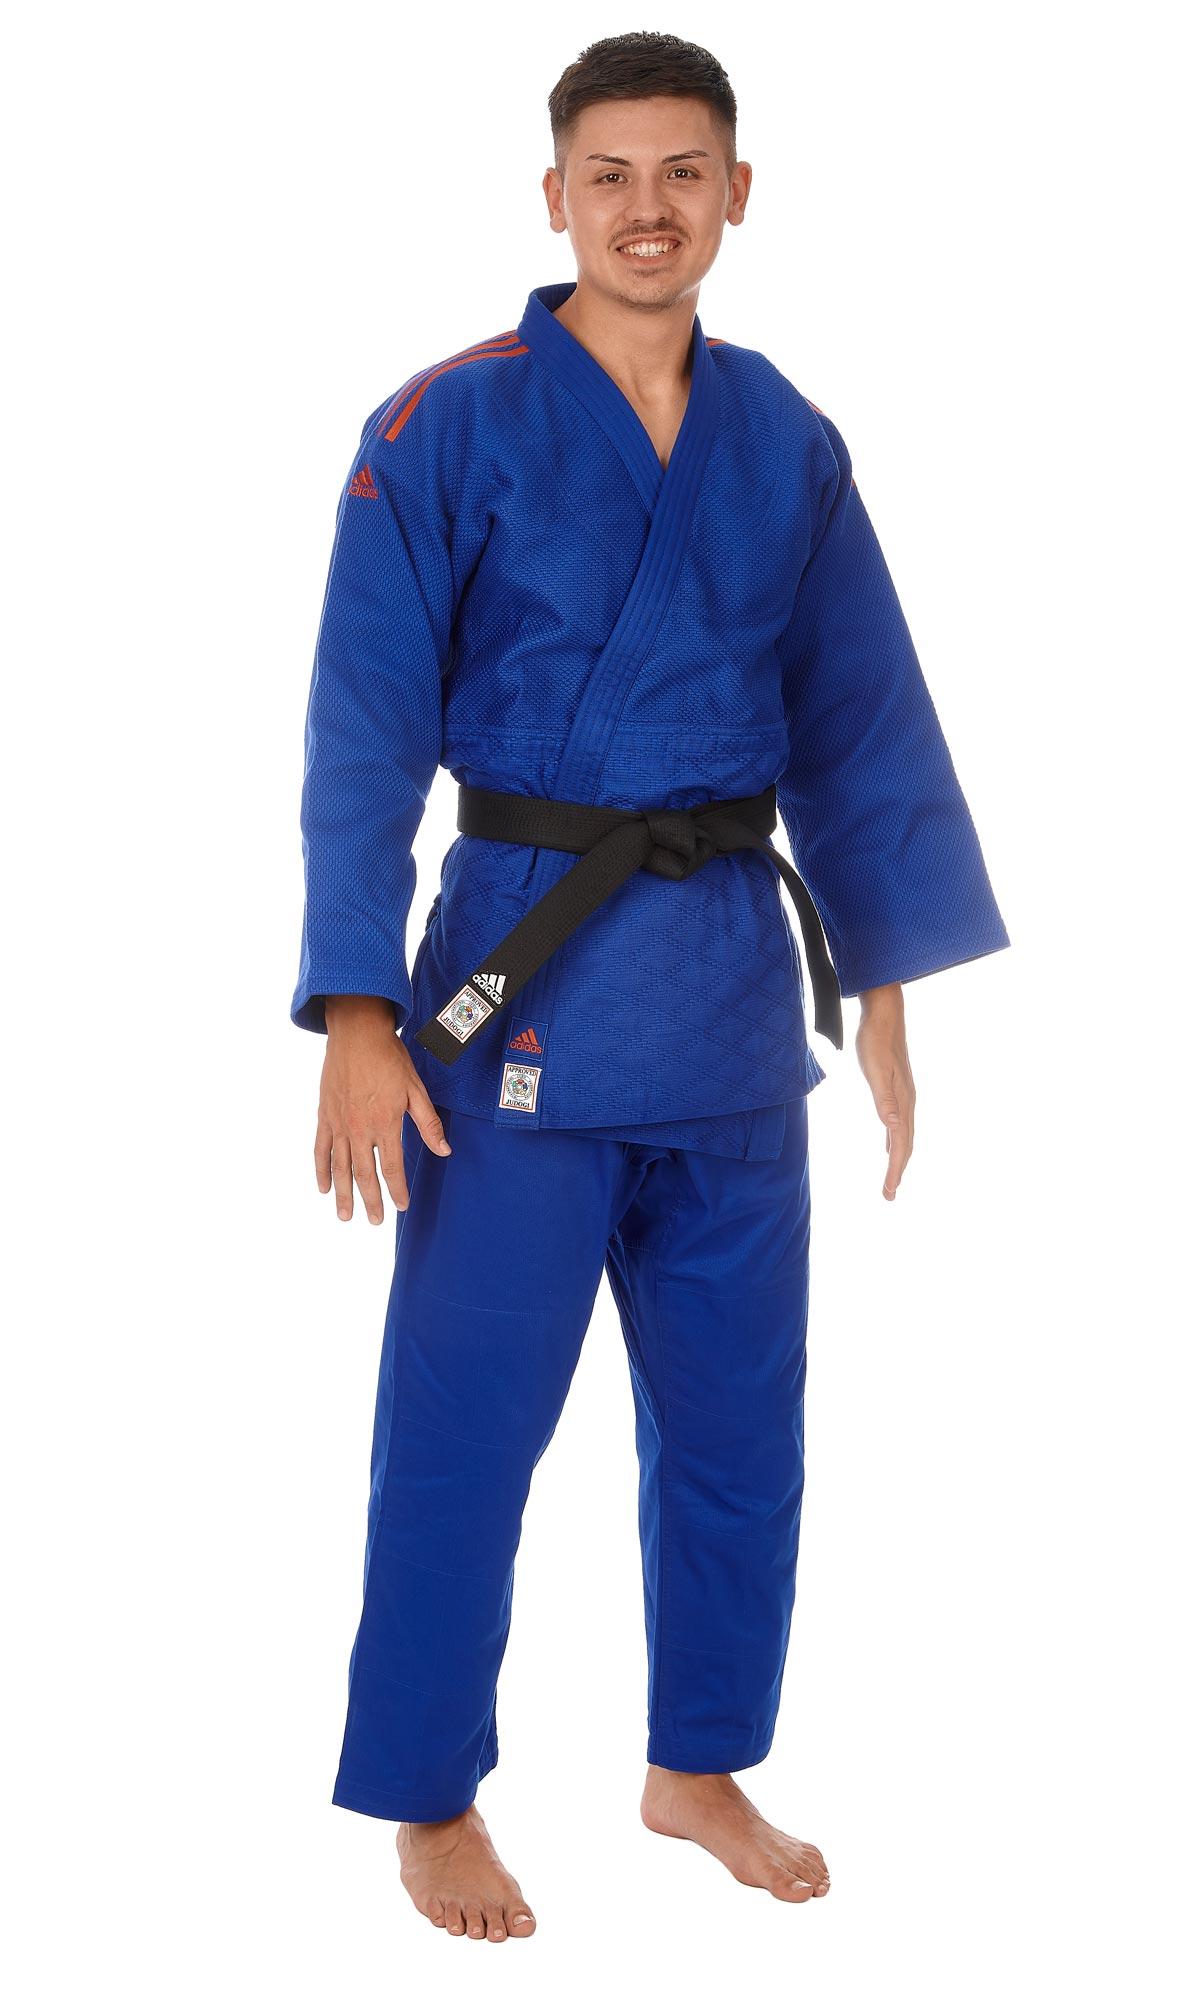 weißschwarze Streifen JIJF,Judo, Adidas Judoanzug CHAMPION